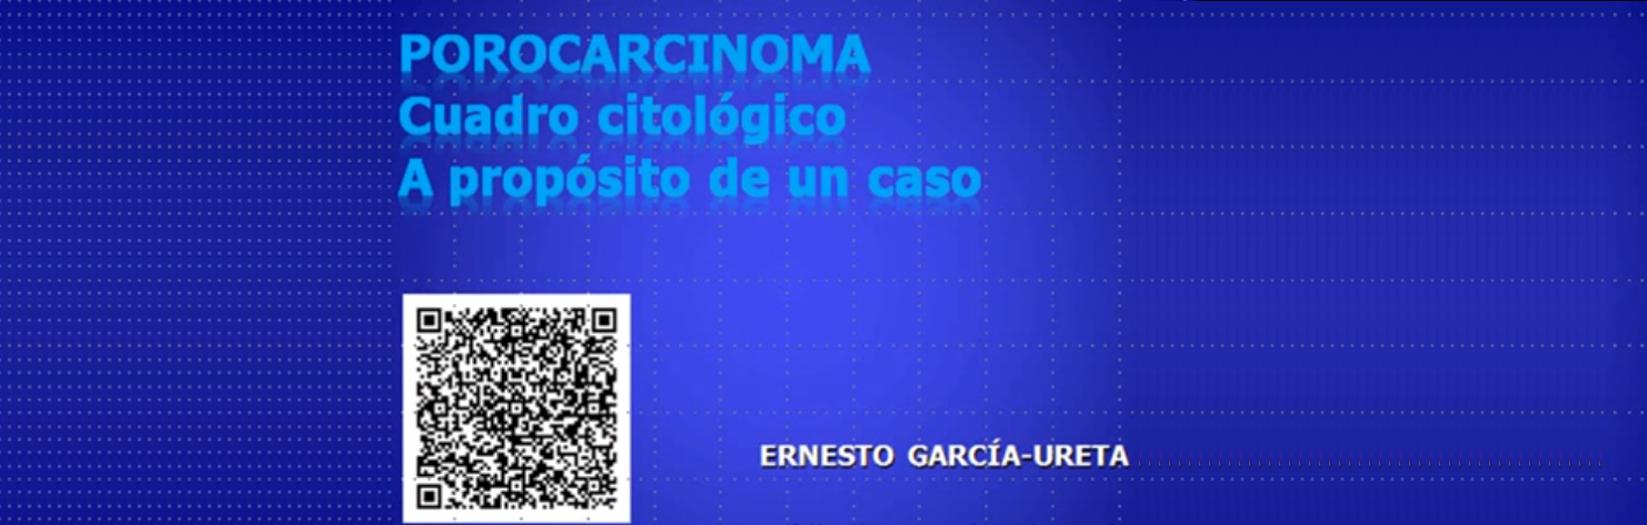 Citología del Porocarcinoma